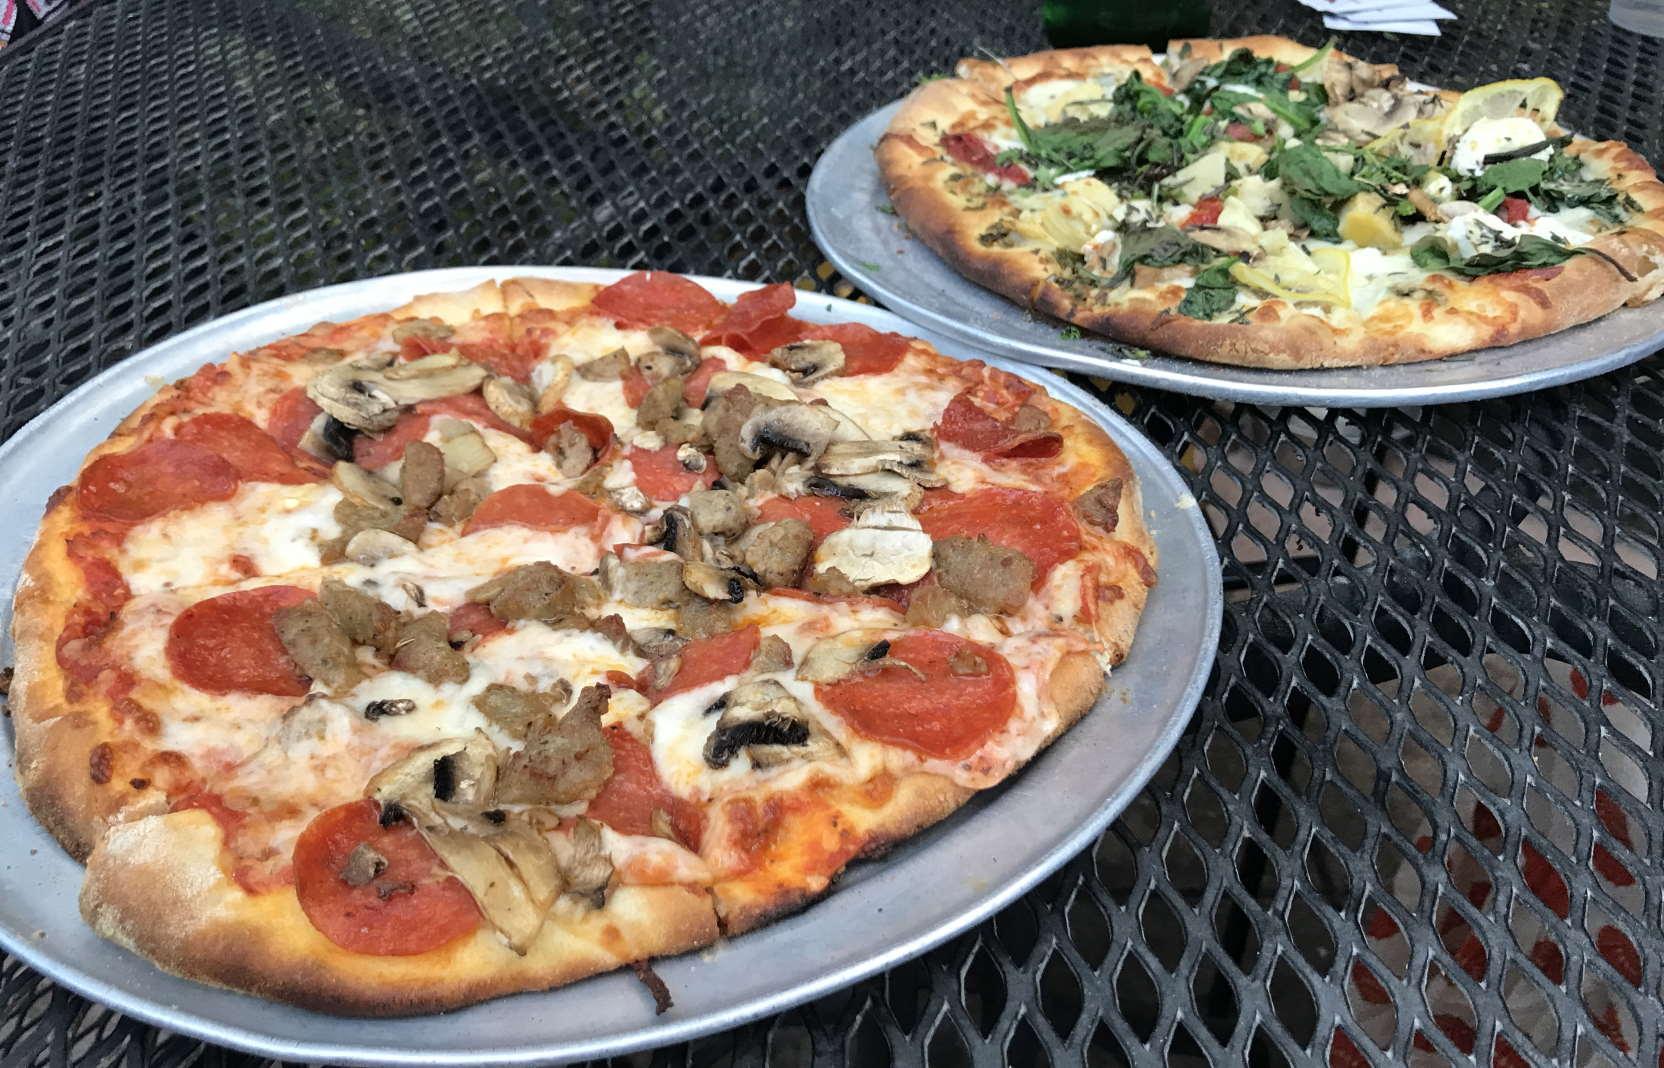 Pizza from Papa Lennon's